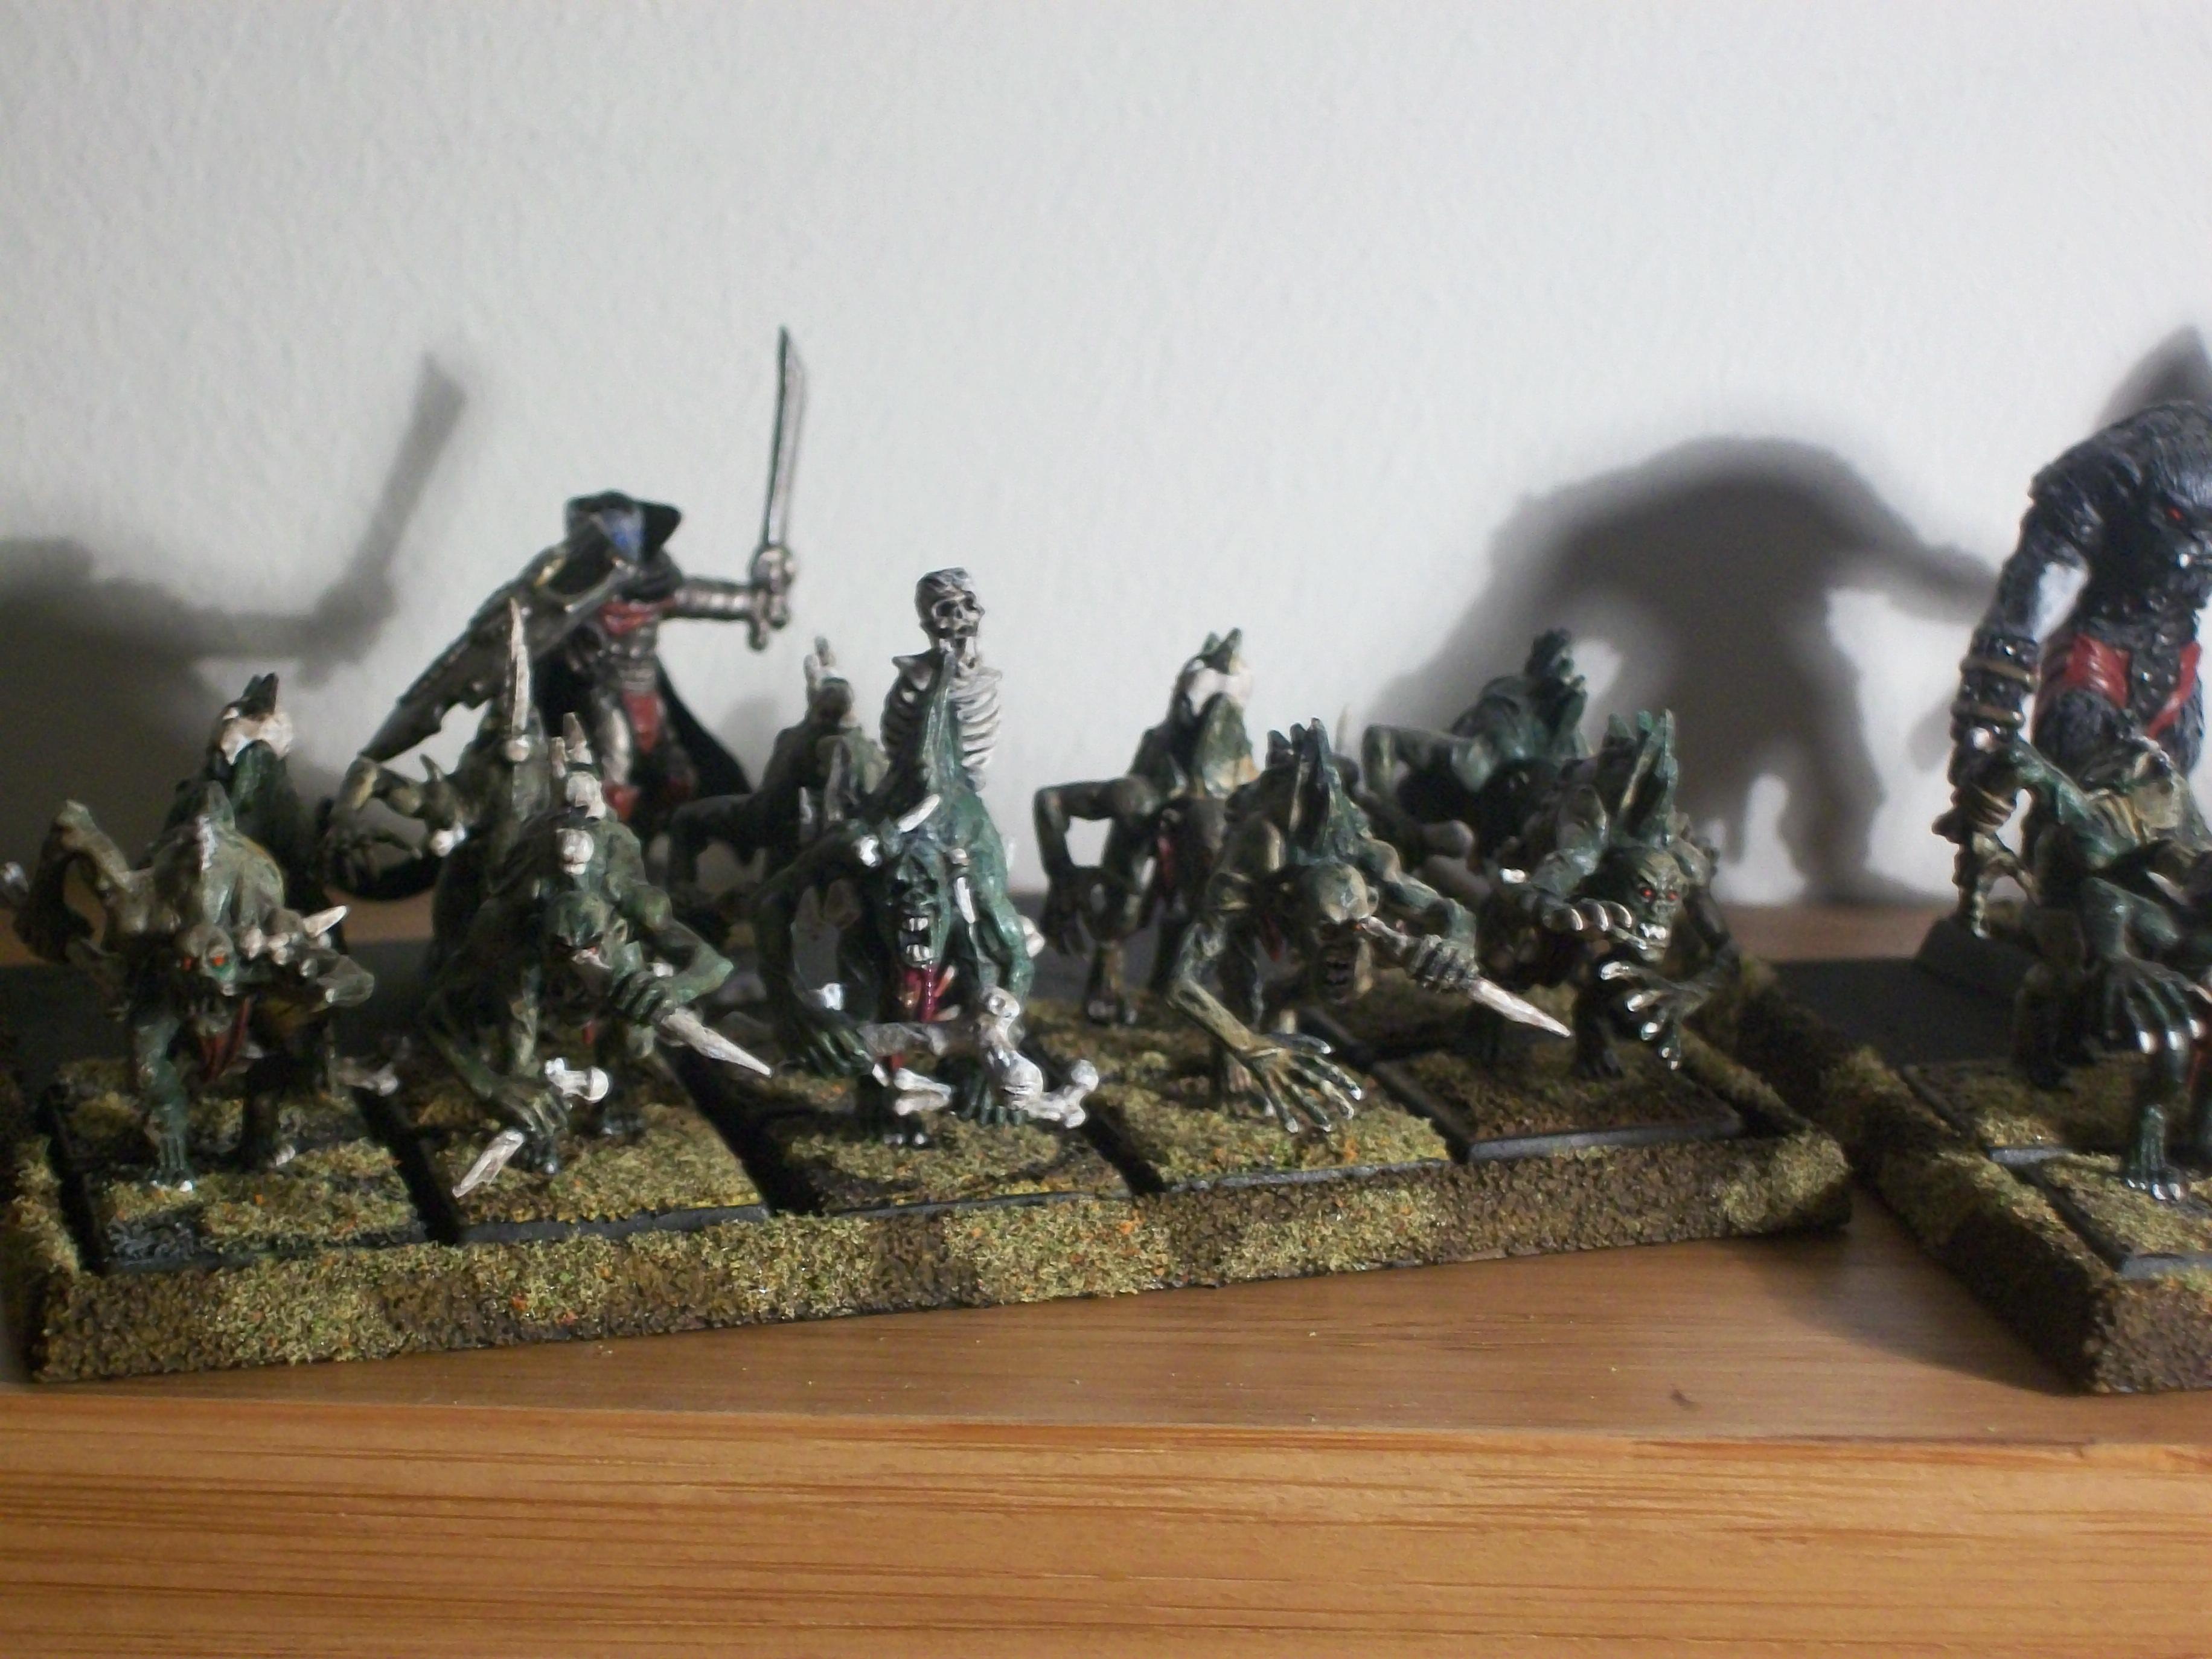 Undead, Warhammer Fantasy